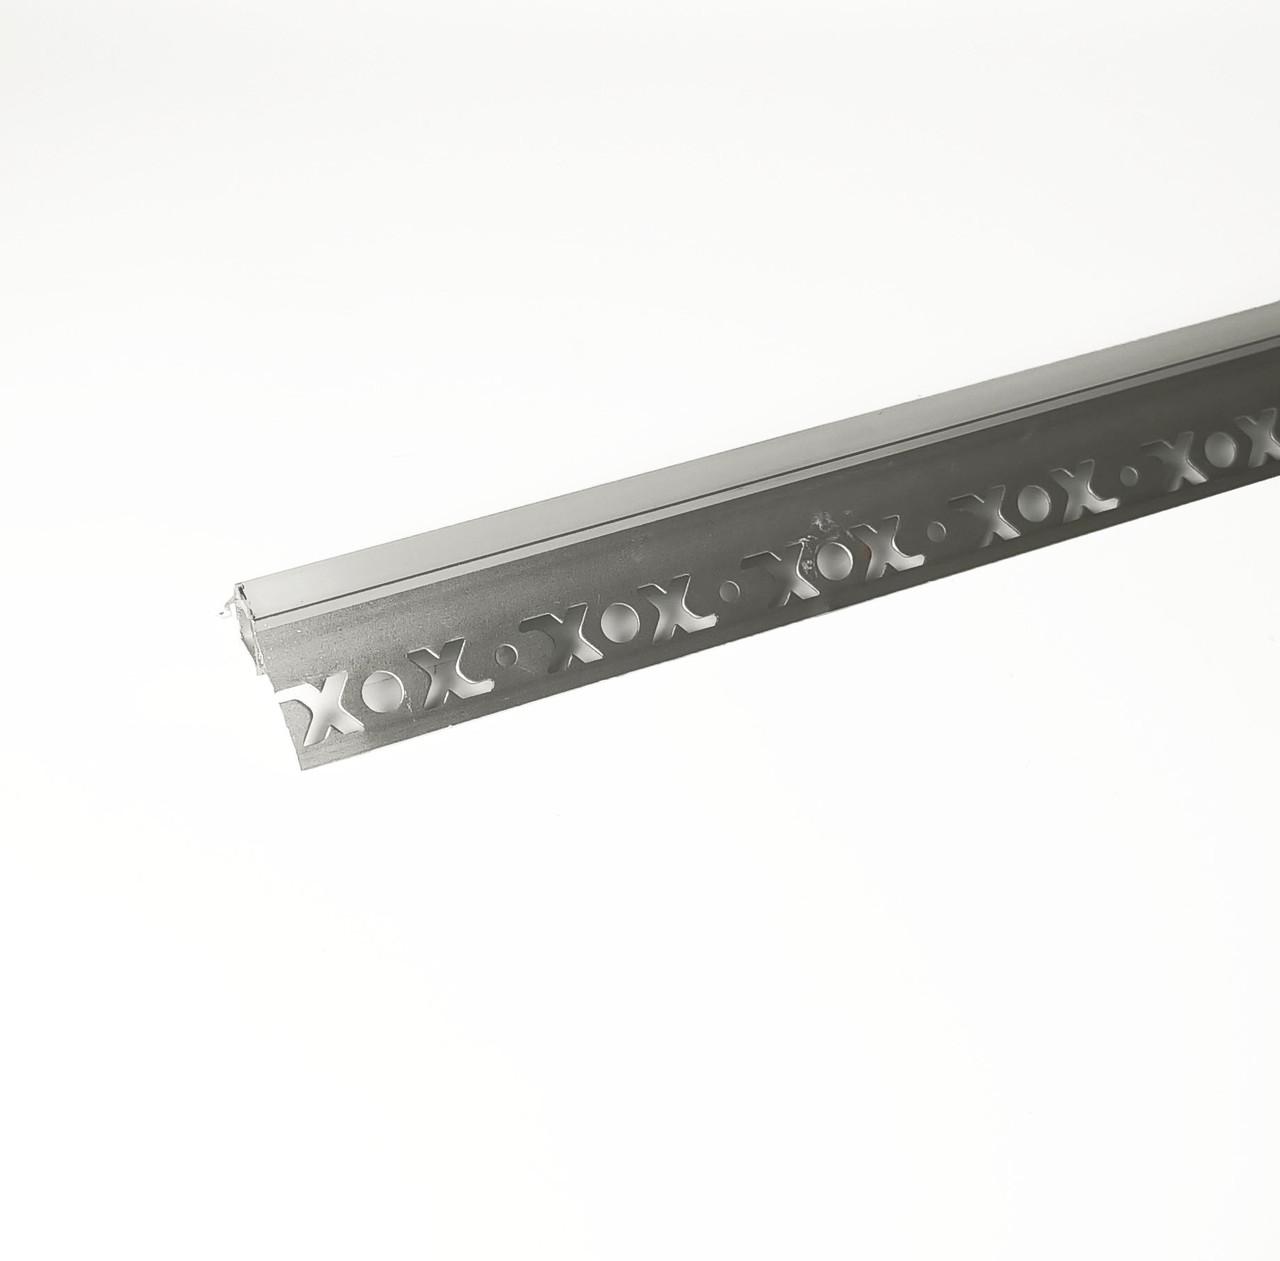 Алюминиевый профиль для подсветки в комплекте с рассеивателем  (HC-126 50х22 3M)